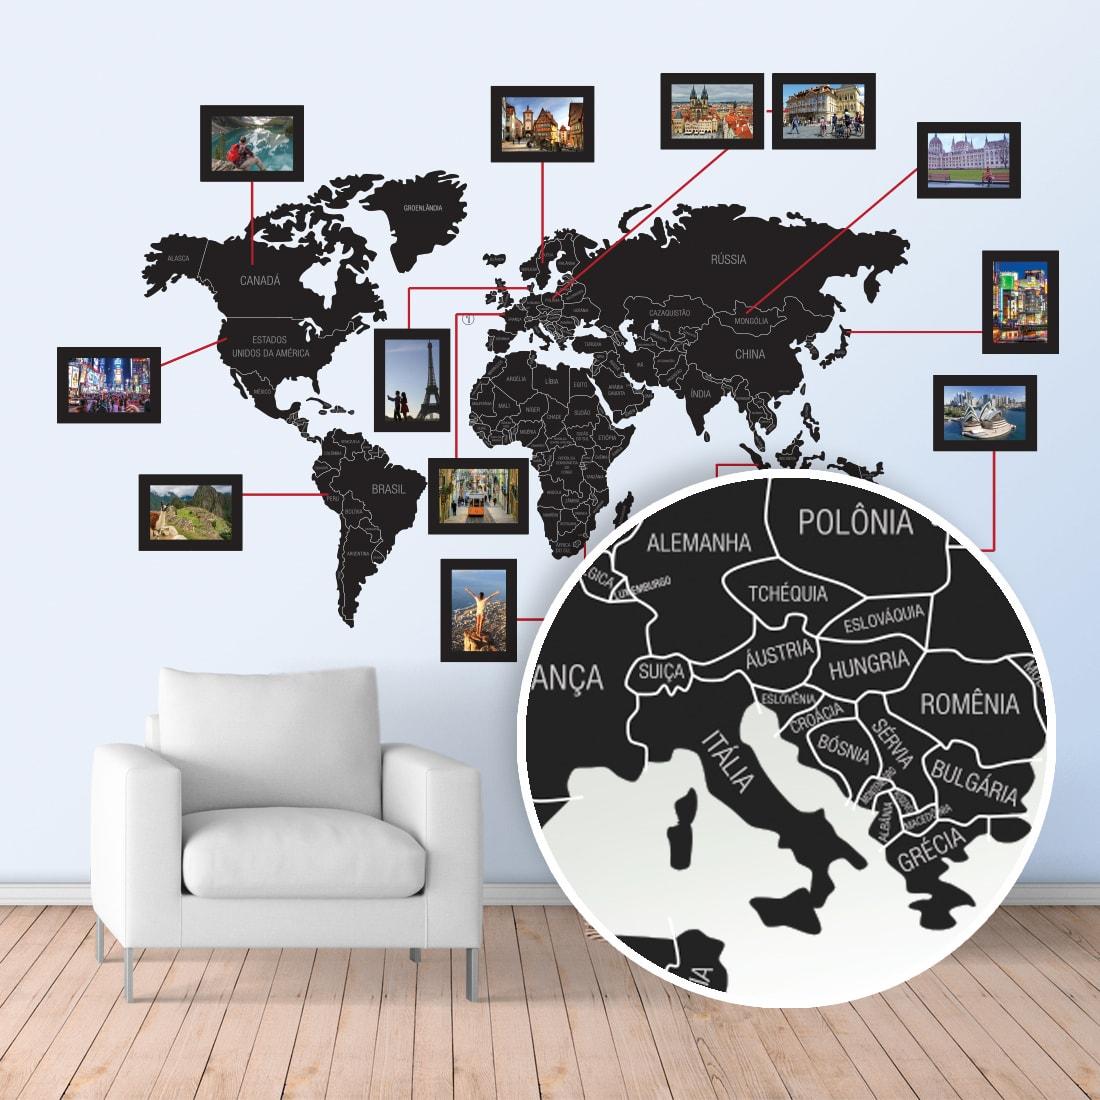 Mapa-Múndi Adesivo com molduras para fotos